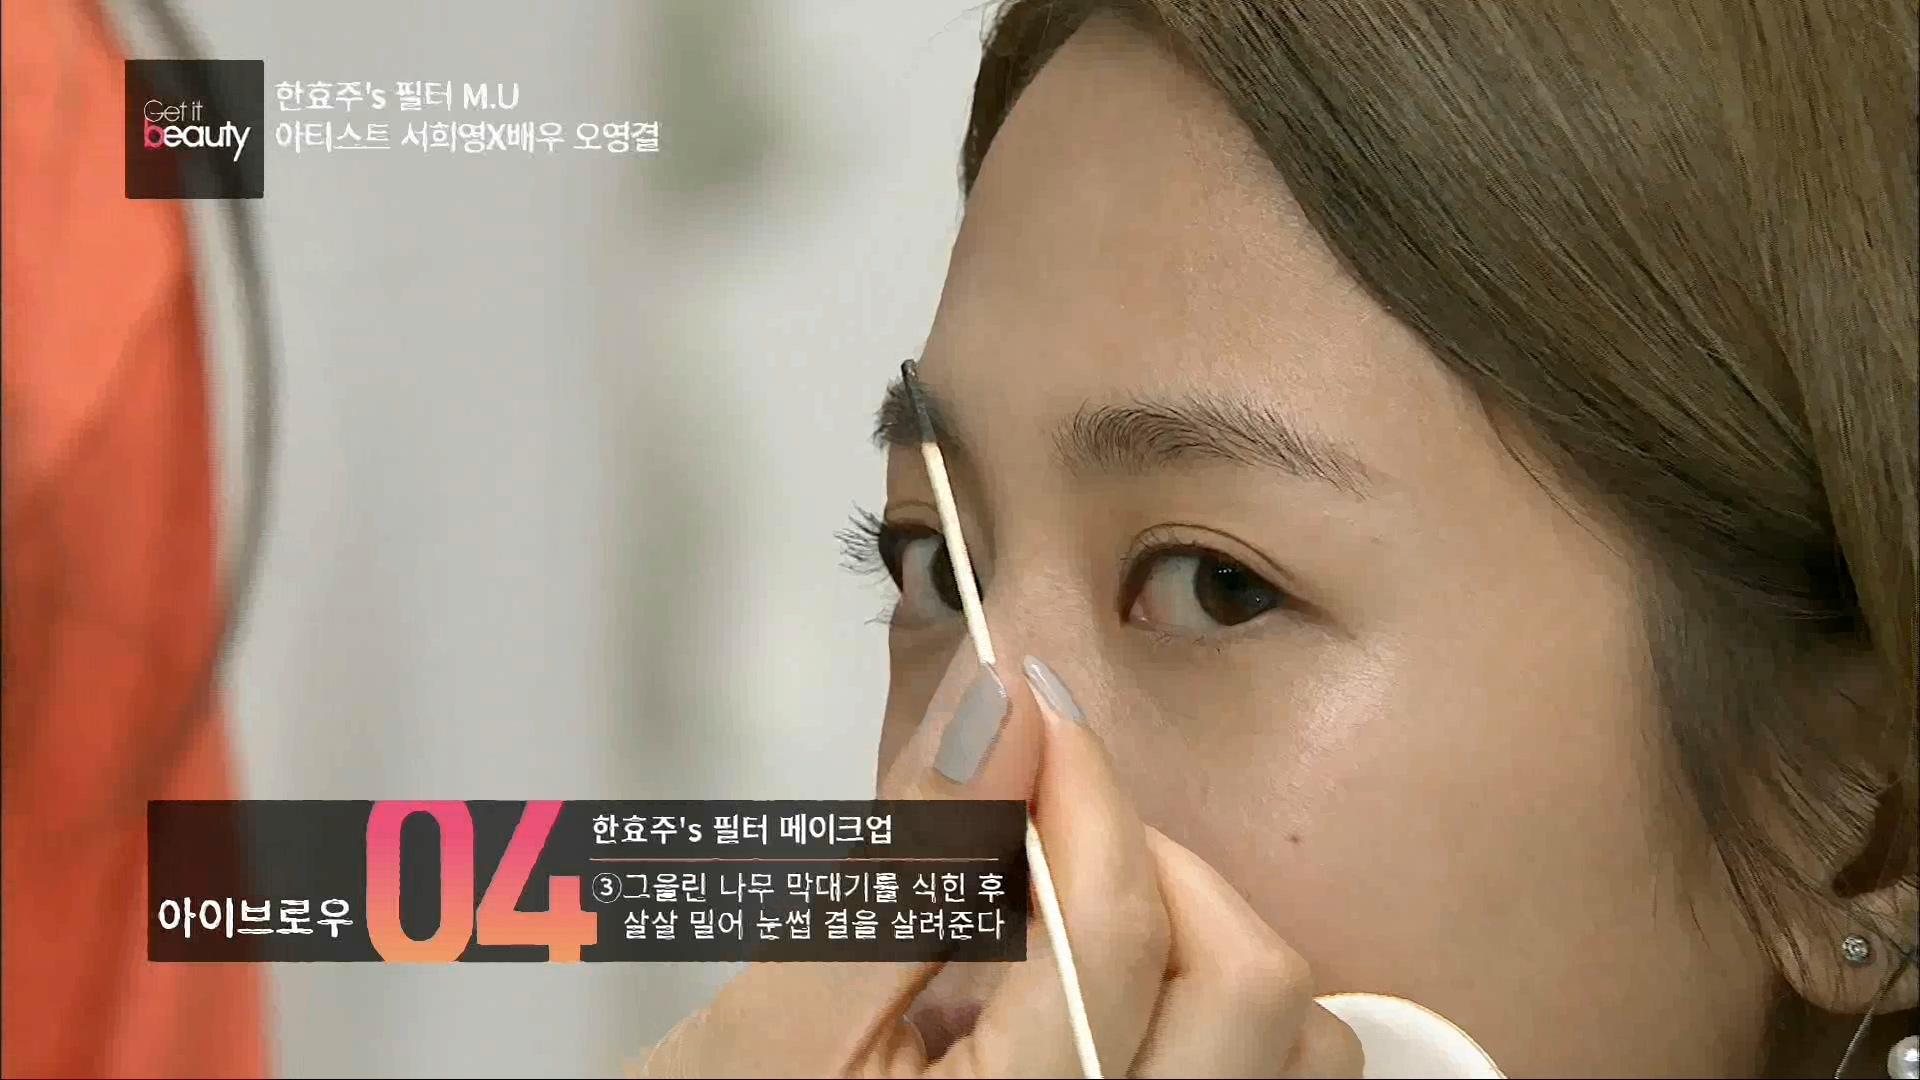 한효주's 필터 메이크업 #아이브로우 그을린 나무 막대기를 식힌 후 살살 밀어 눈썹 결을 살려준다